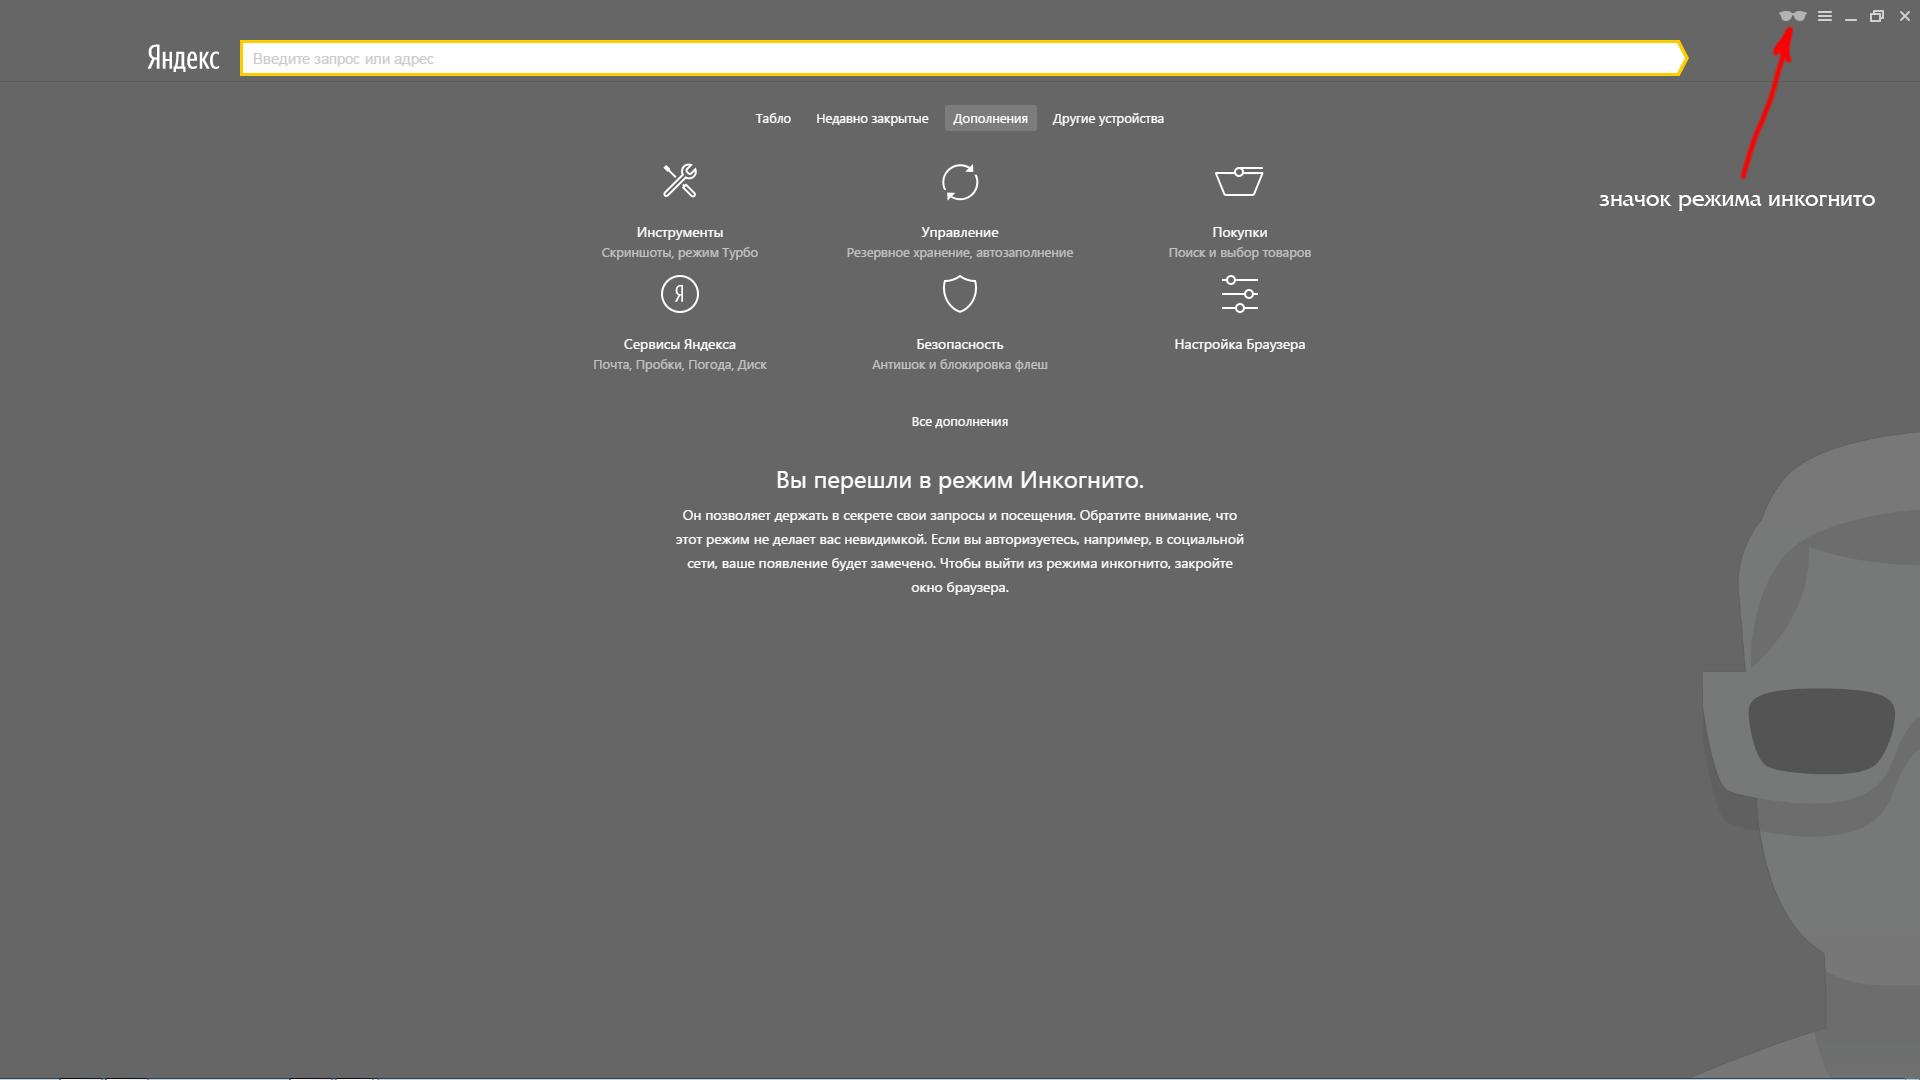 Режим инкогнито в браузере